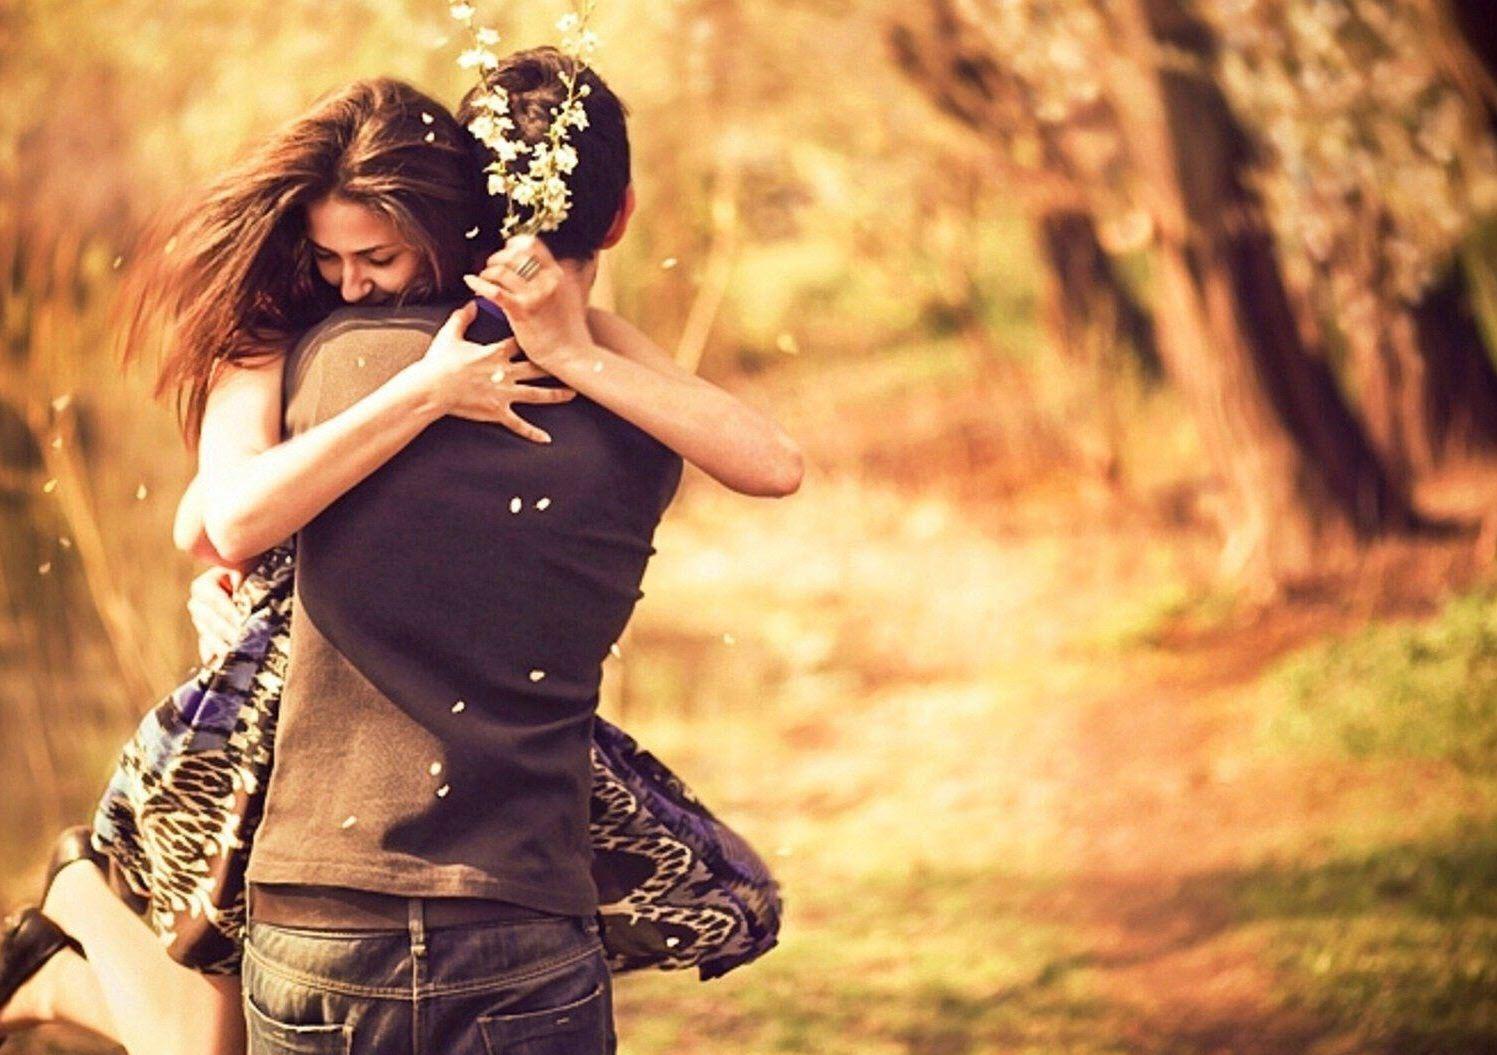 Hình ảnh cặp đôi tình yêu lãng mạn và dễ thương nhất